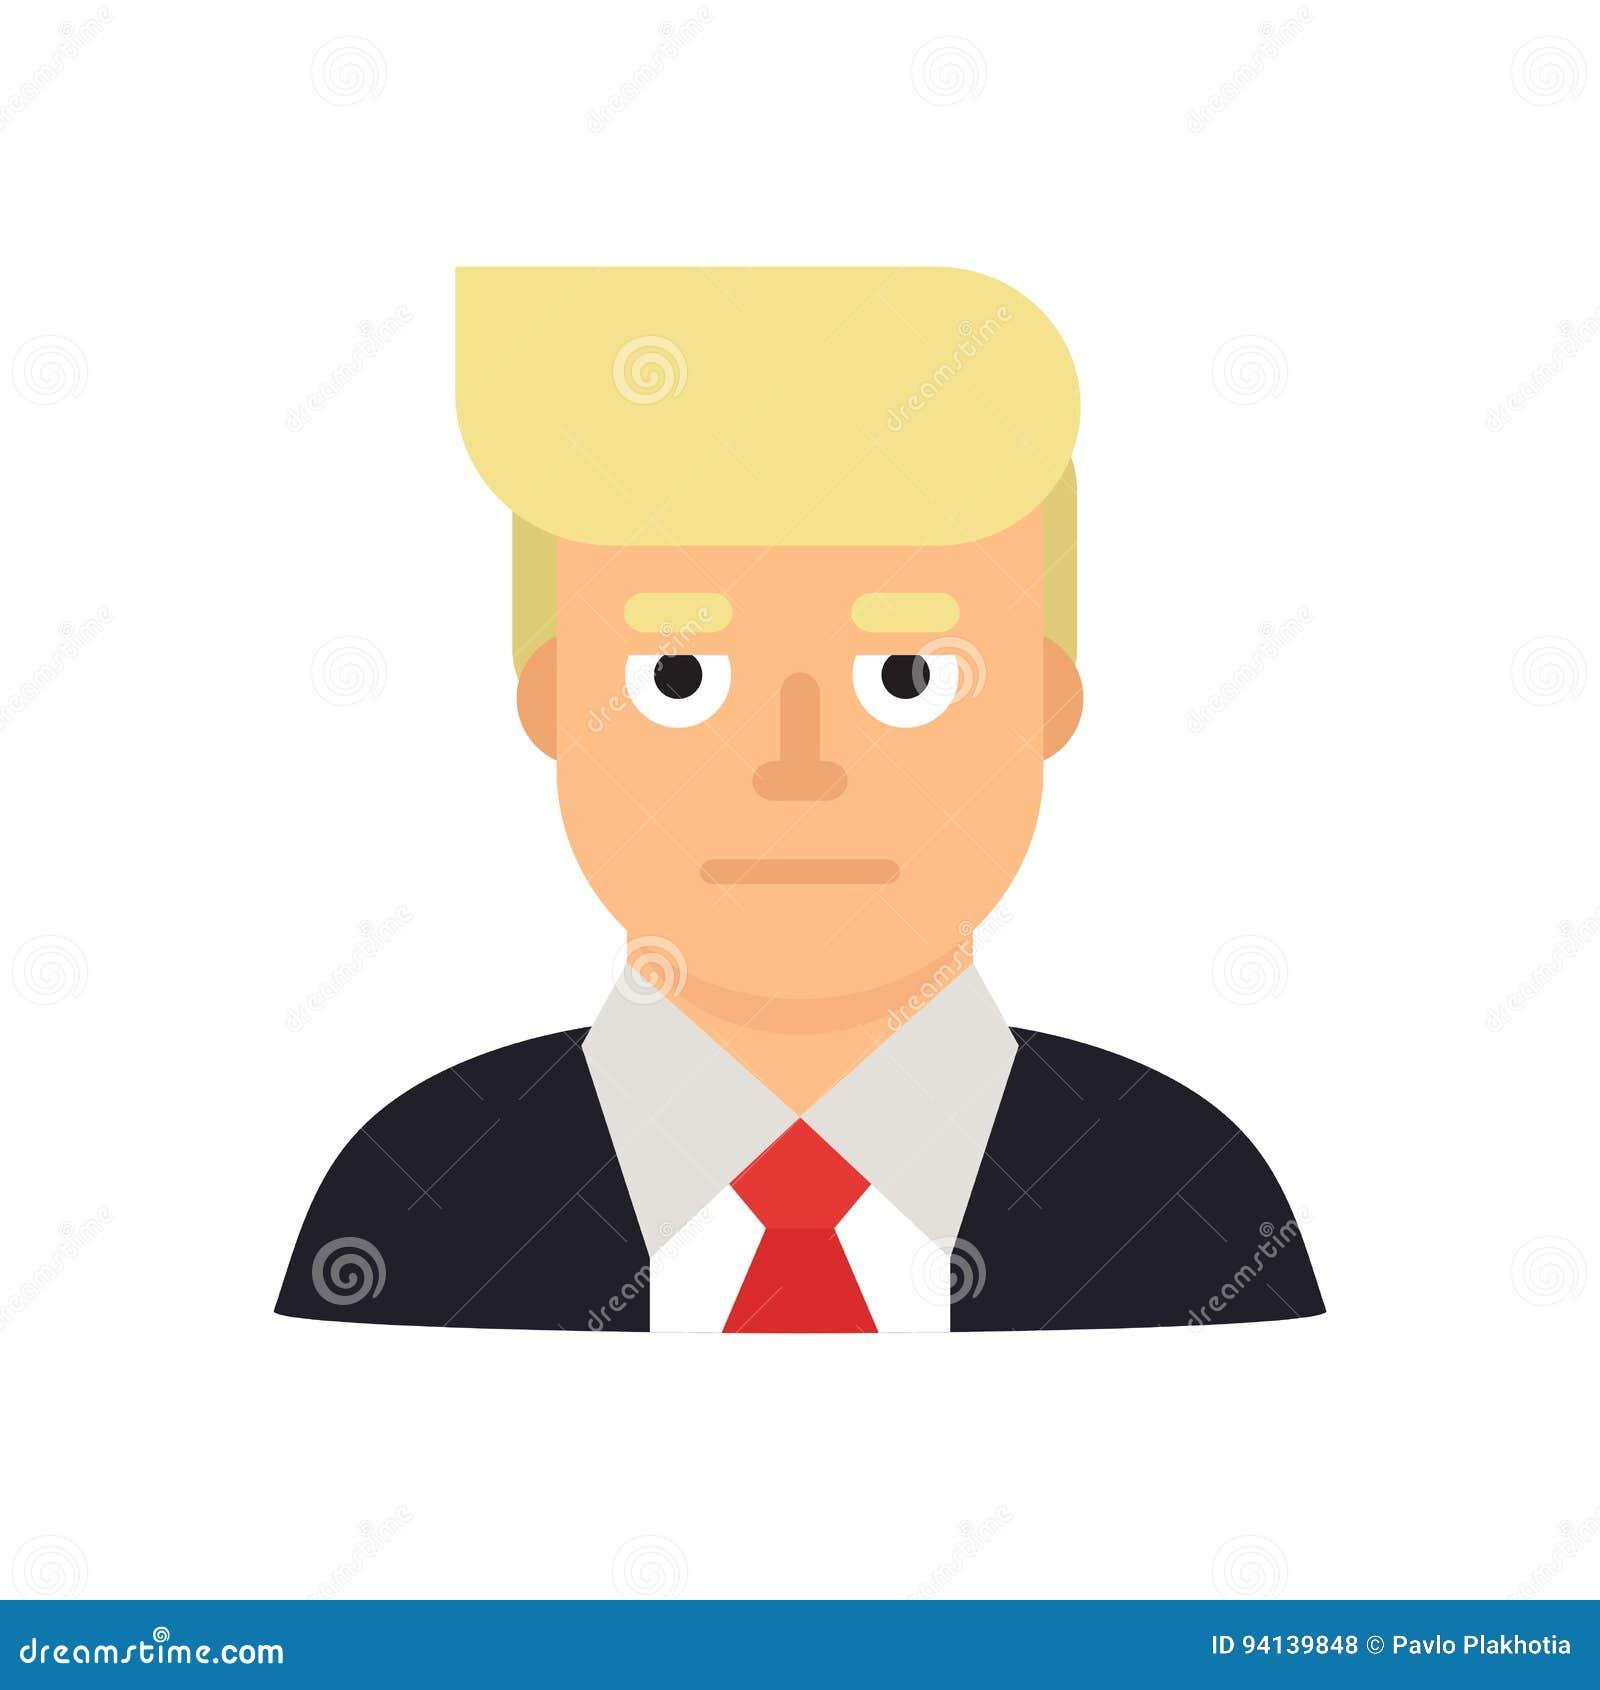 10 juin 2017 Illustration moderne de vecteur d un portrait d homme d affaires et de candidat présidentiel Donald Trump